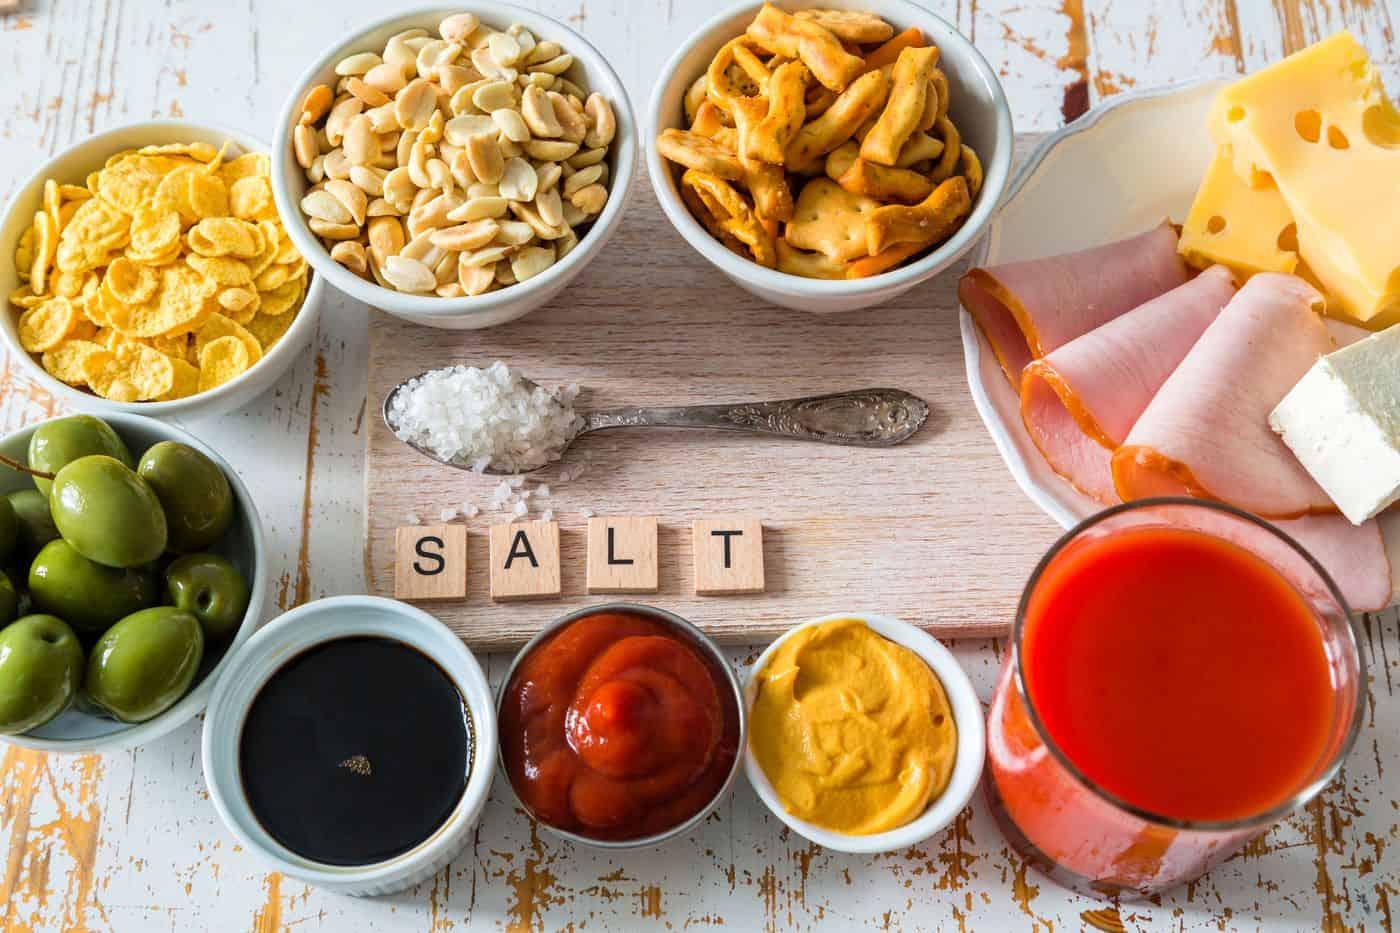 Les aliments qui augmentent la pression artérielle